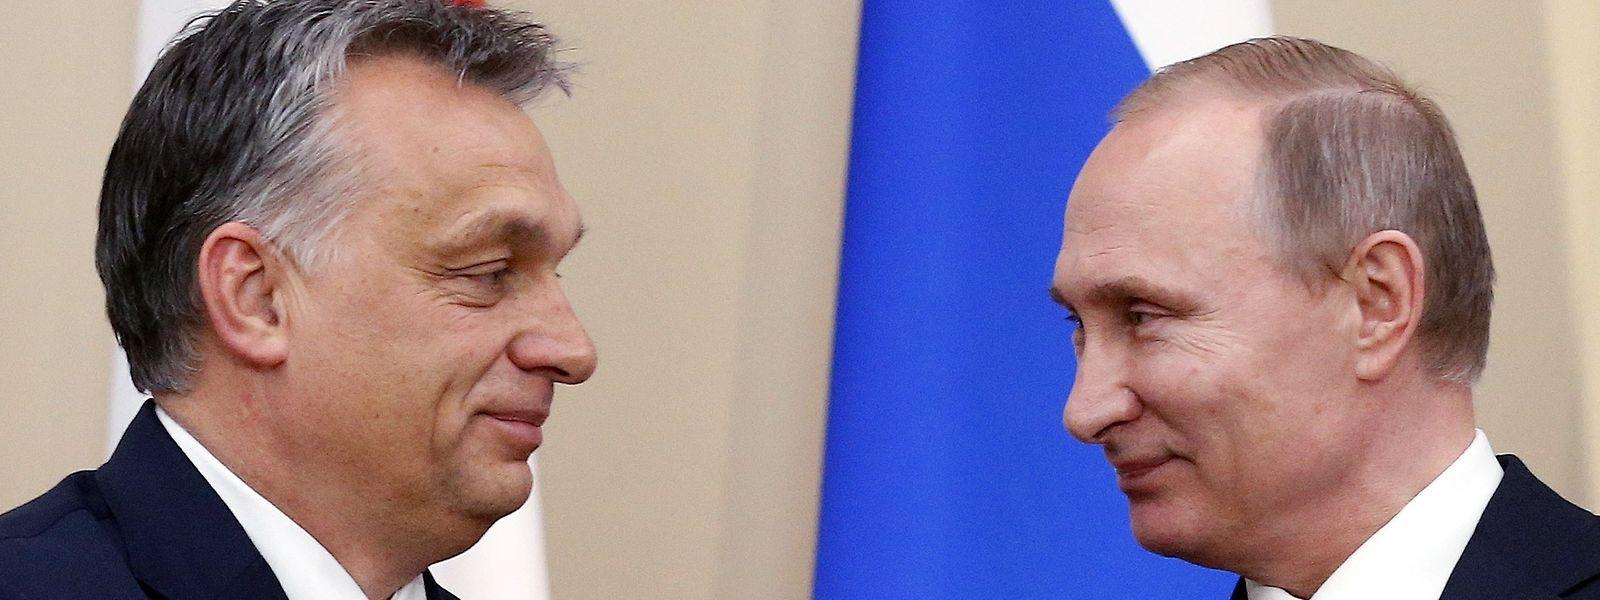 Gute Freunde: Der ungarische Ministerpräsident Viktor Orban pflegt ein gutes Verhältnis zu Putin, das auch Geschäftsbeziehungen einschließt.